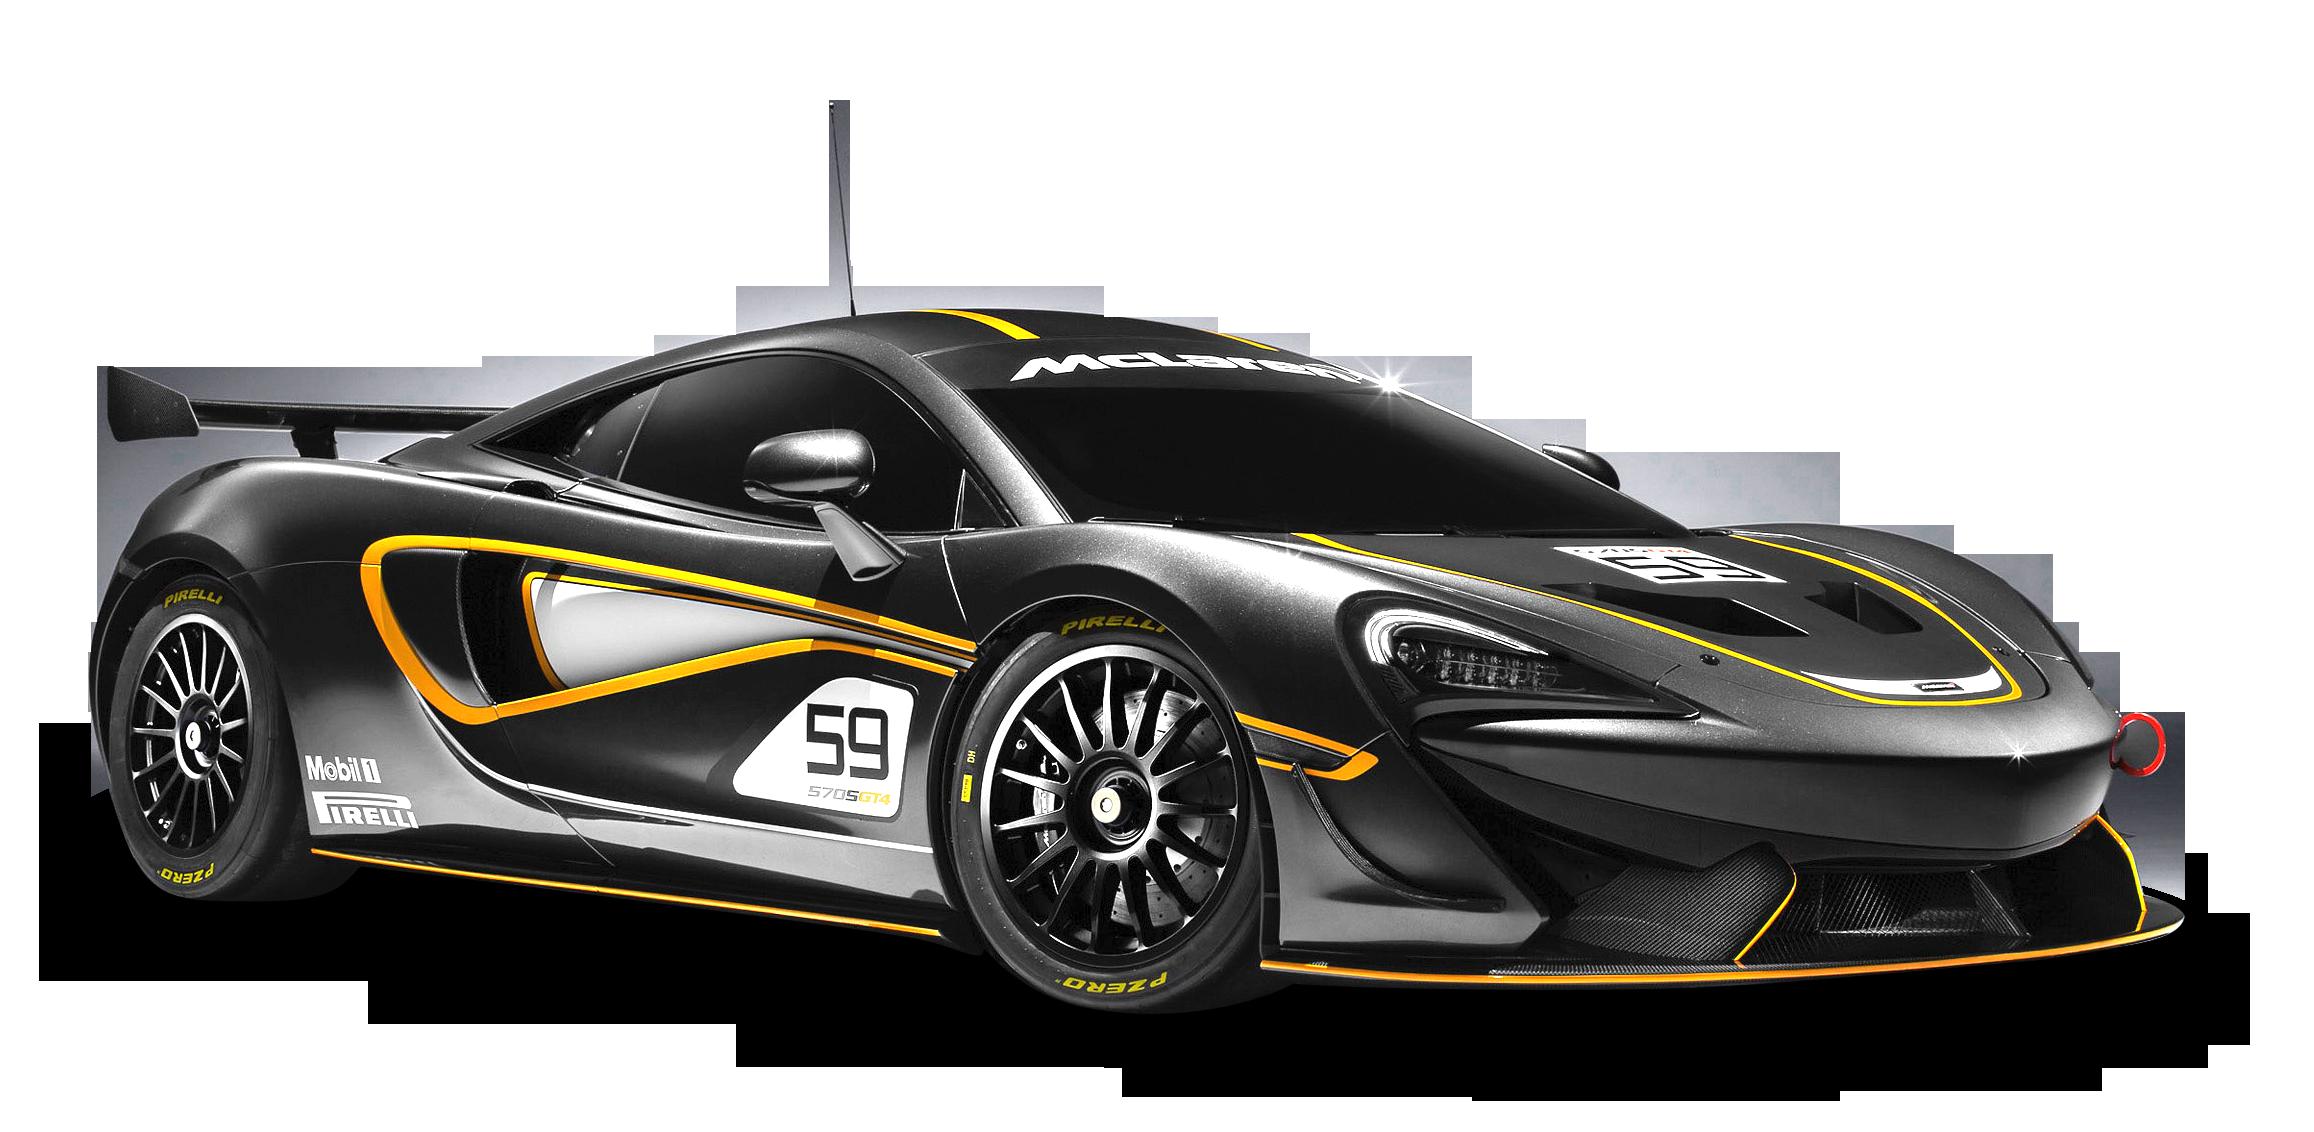 Pngpix Com Black Mclaren 570s Gt4 Racing Car Png Image Png 2314 1132 Автомобиль